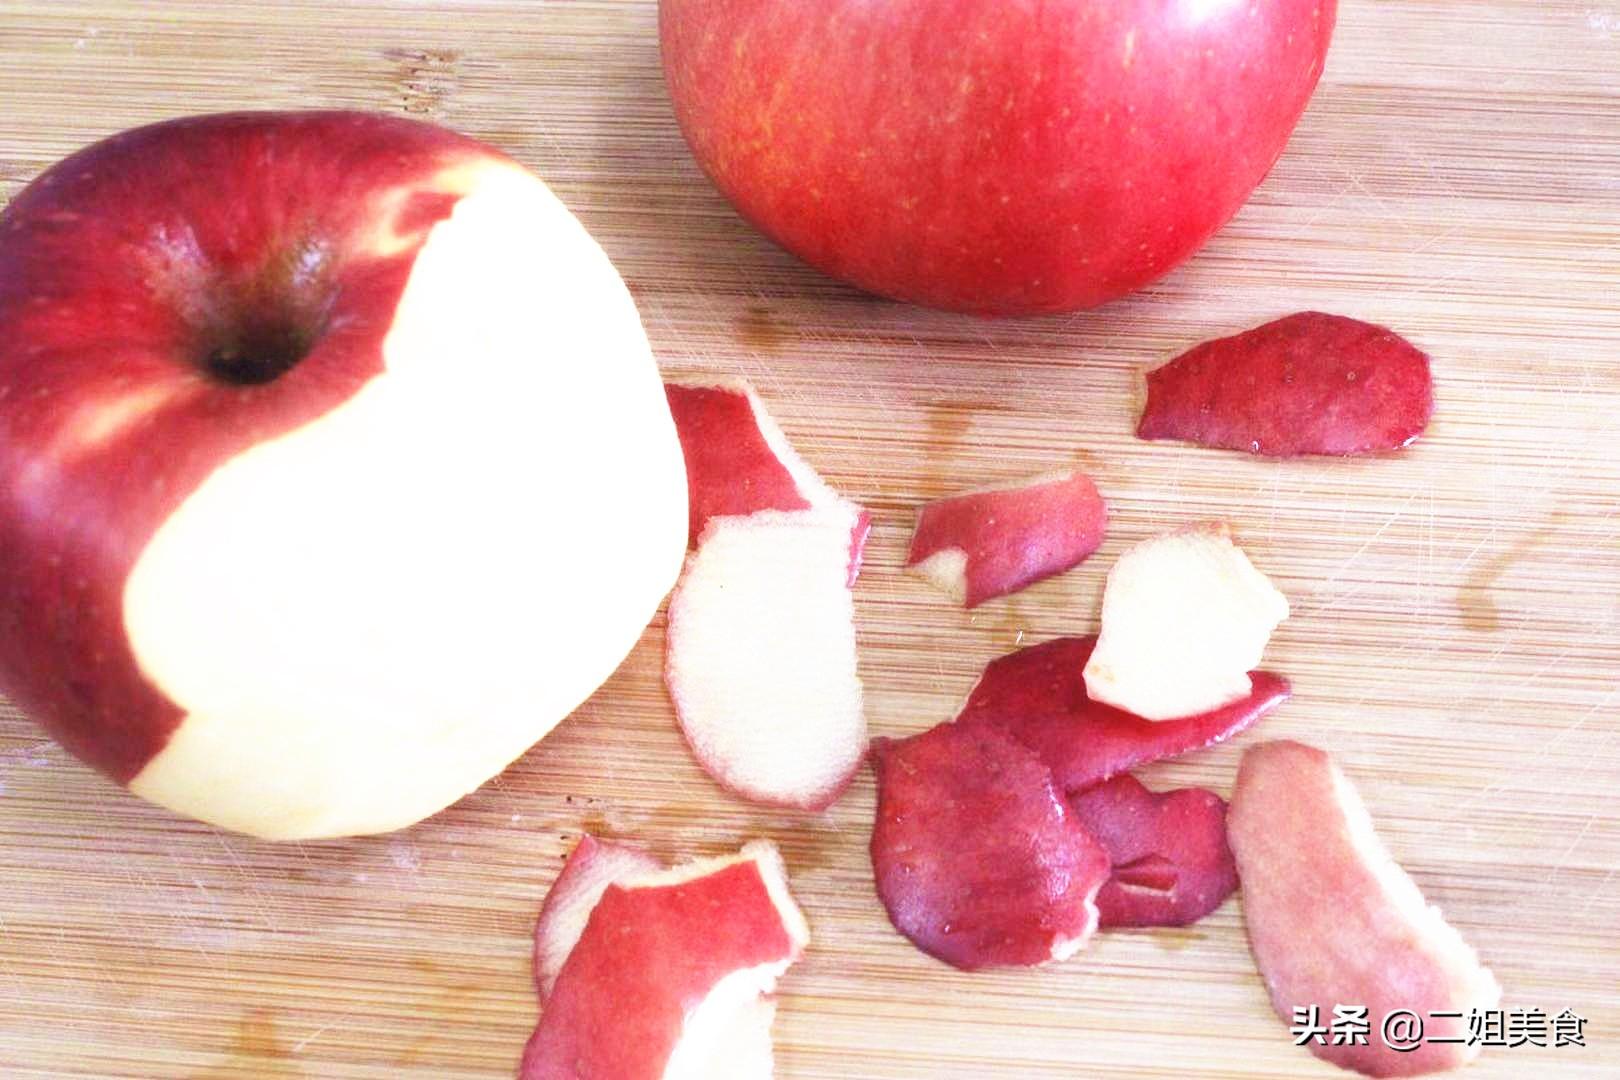 瓜果蔬菜自带农药残留,教您3招,脏东西自动溜走 疾病防治 第4张